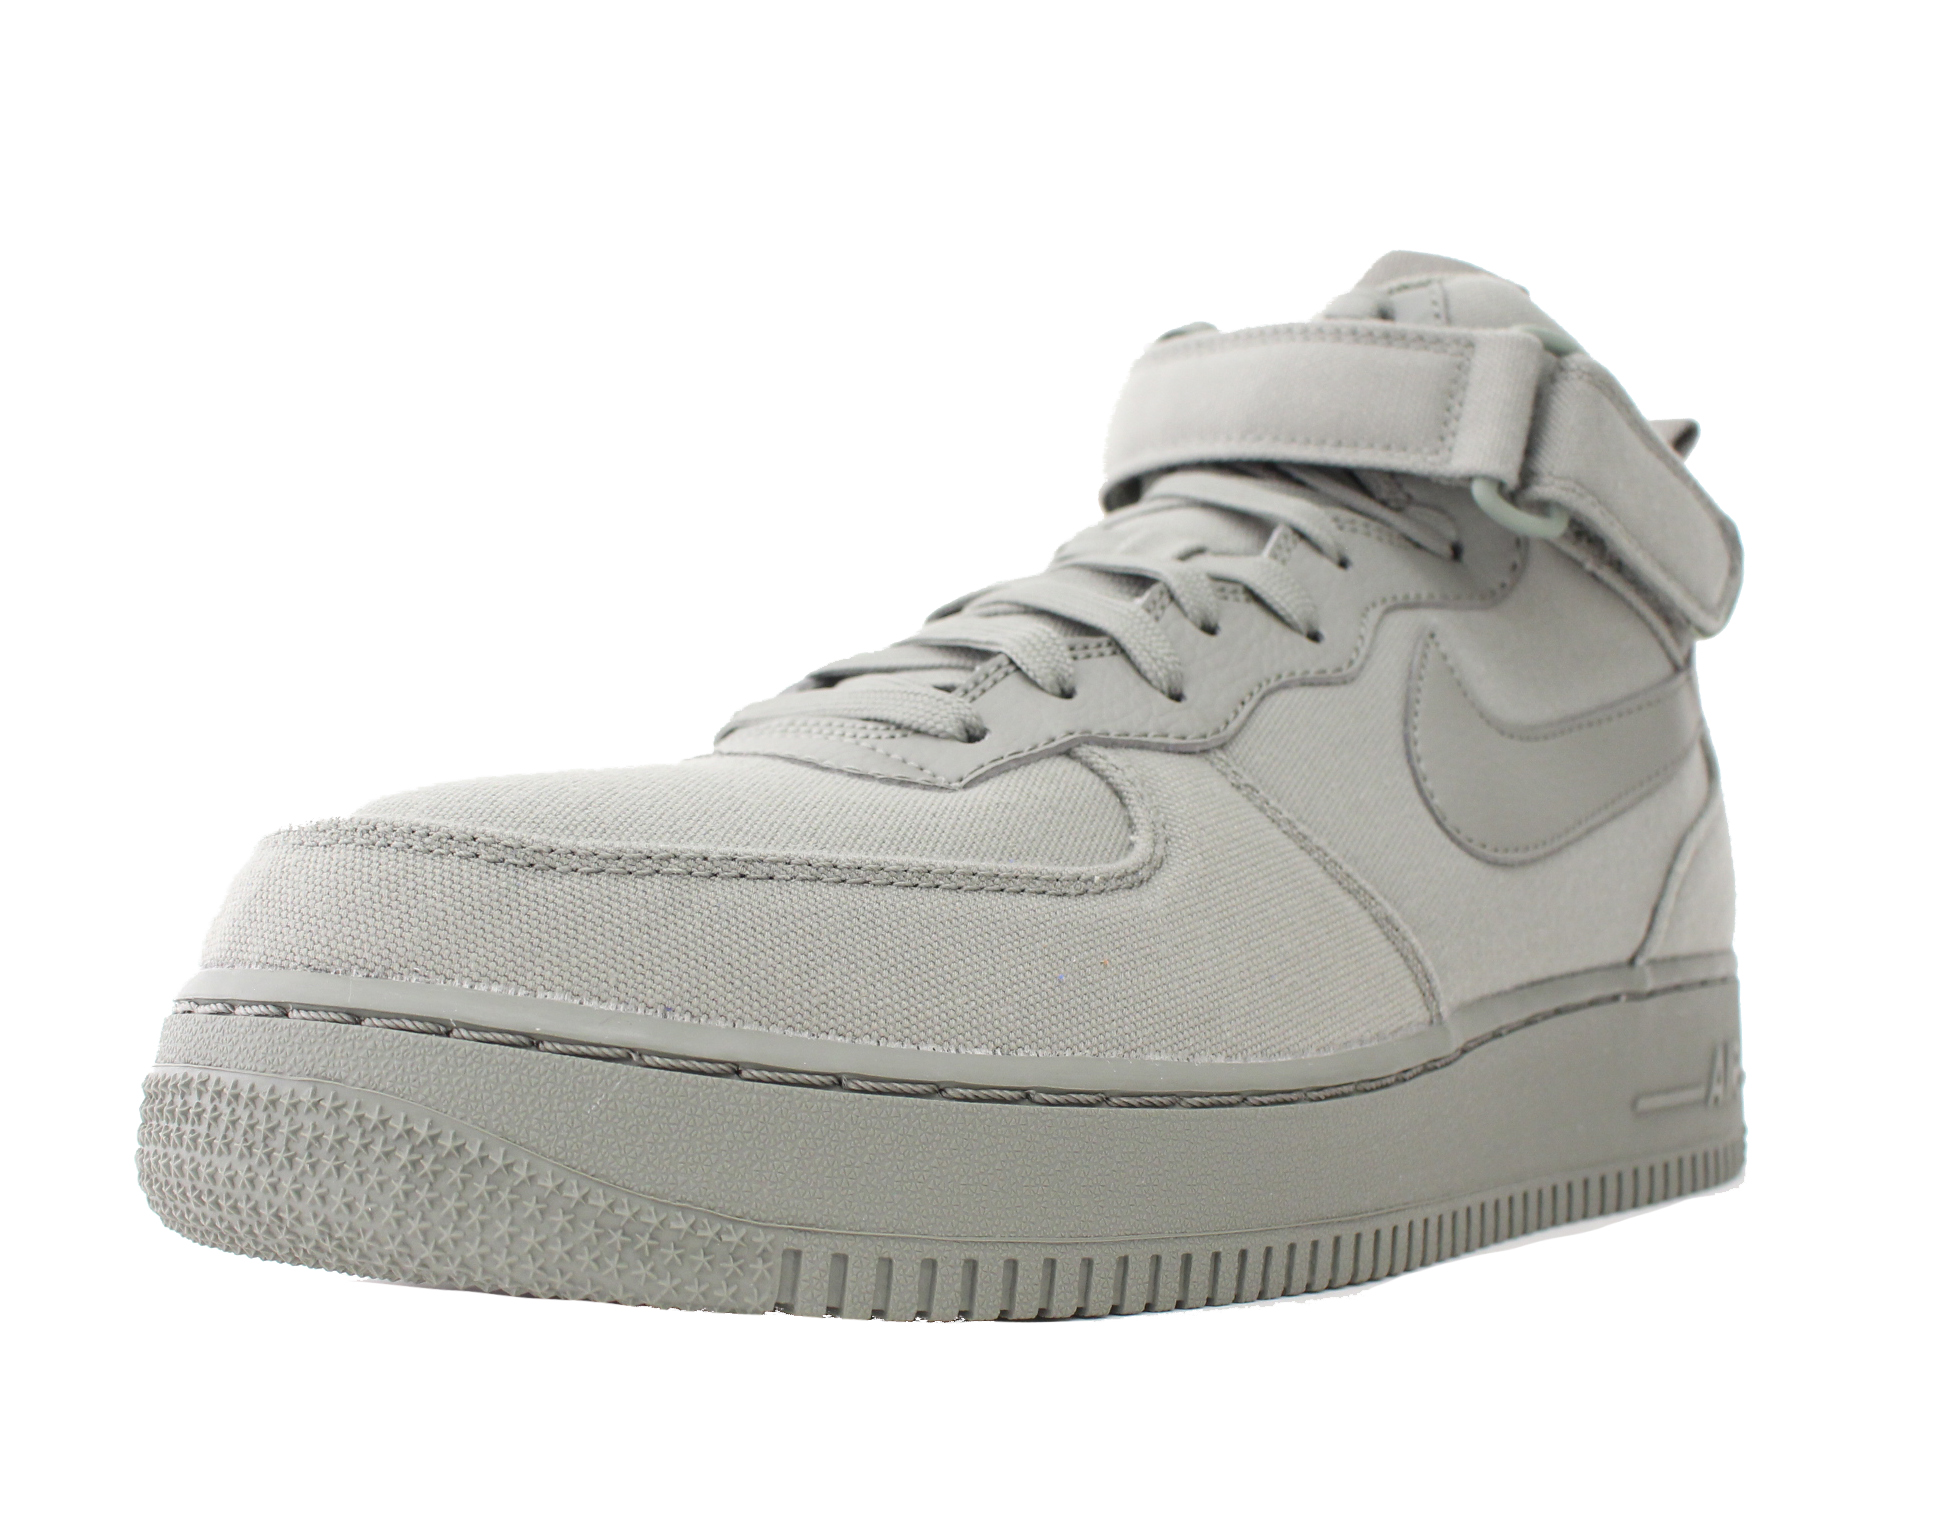 Nike NIKE AIR FORCE ONE MID 07 SZ 9 DARK STUCCO SEQUOIA AH6770 001